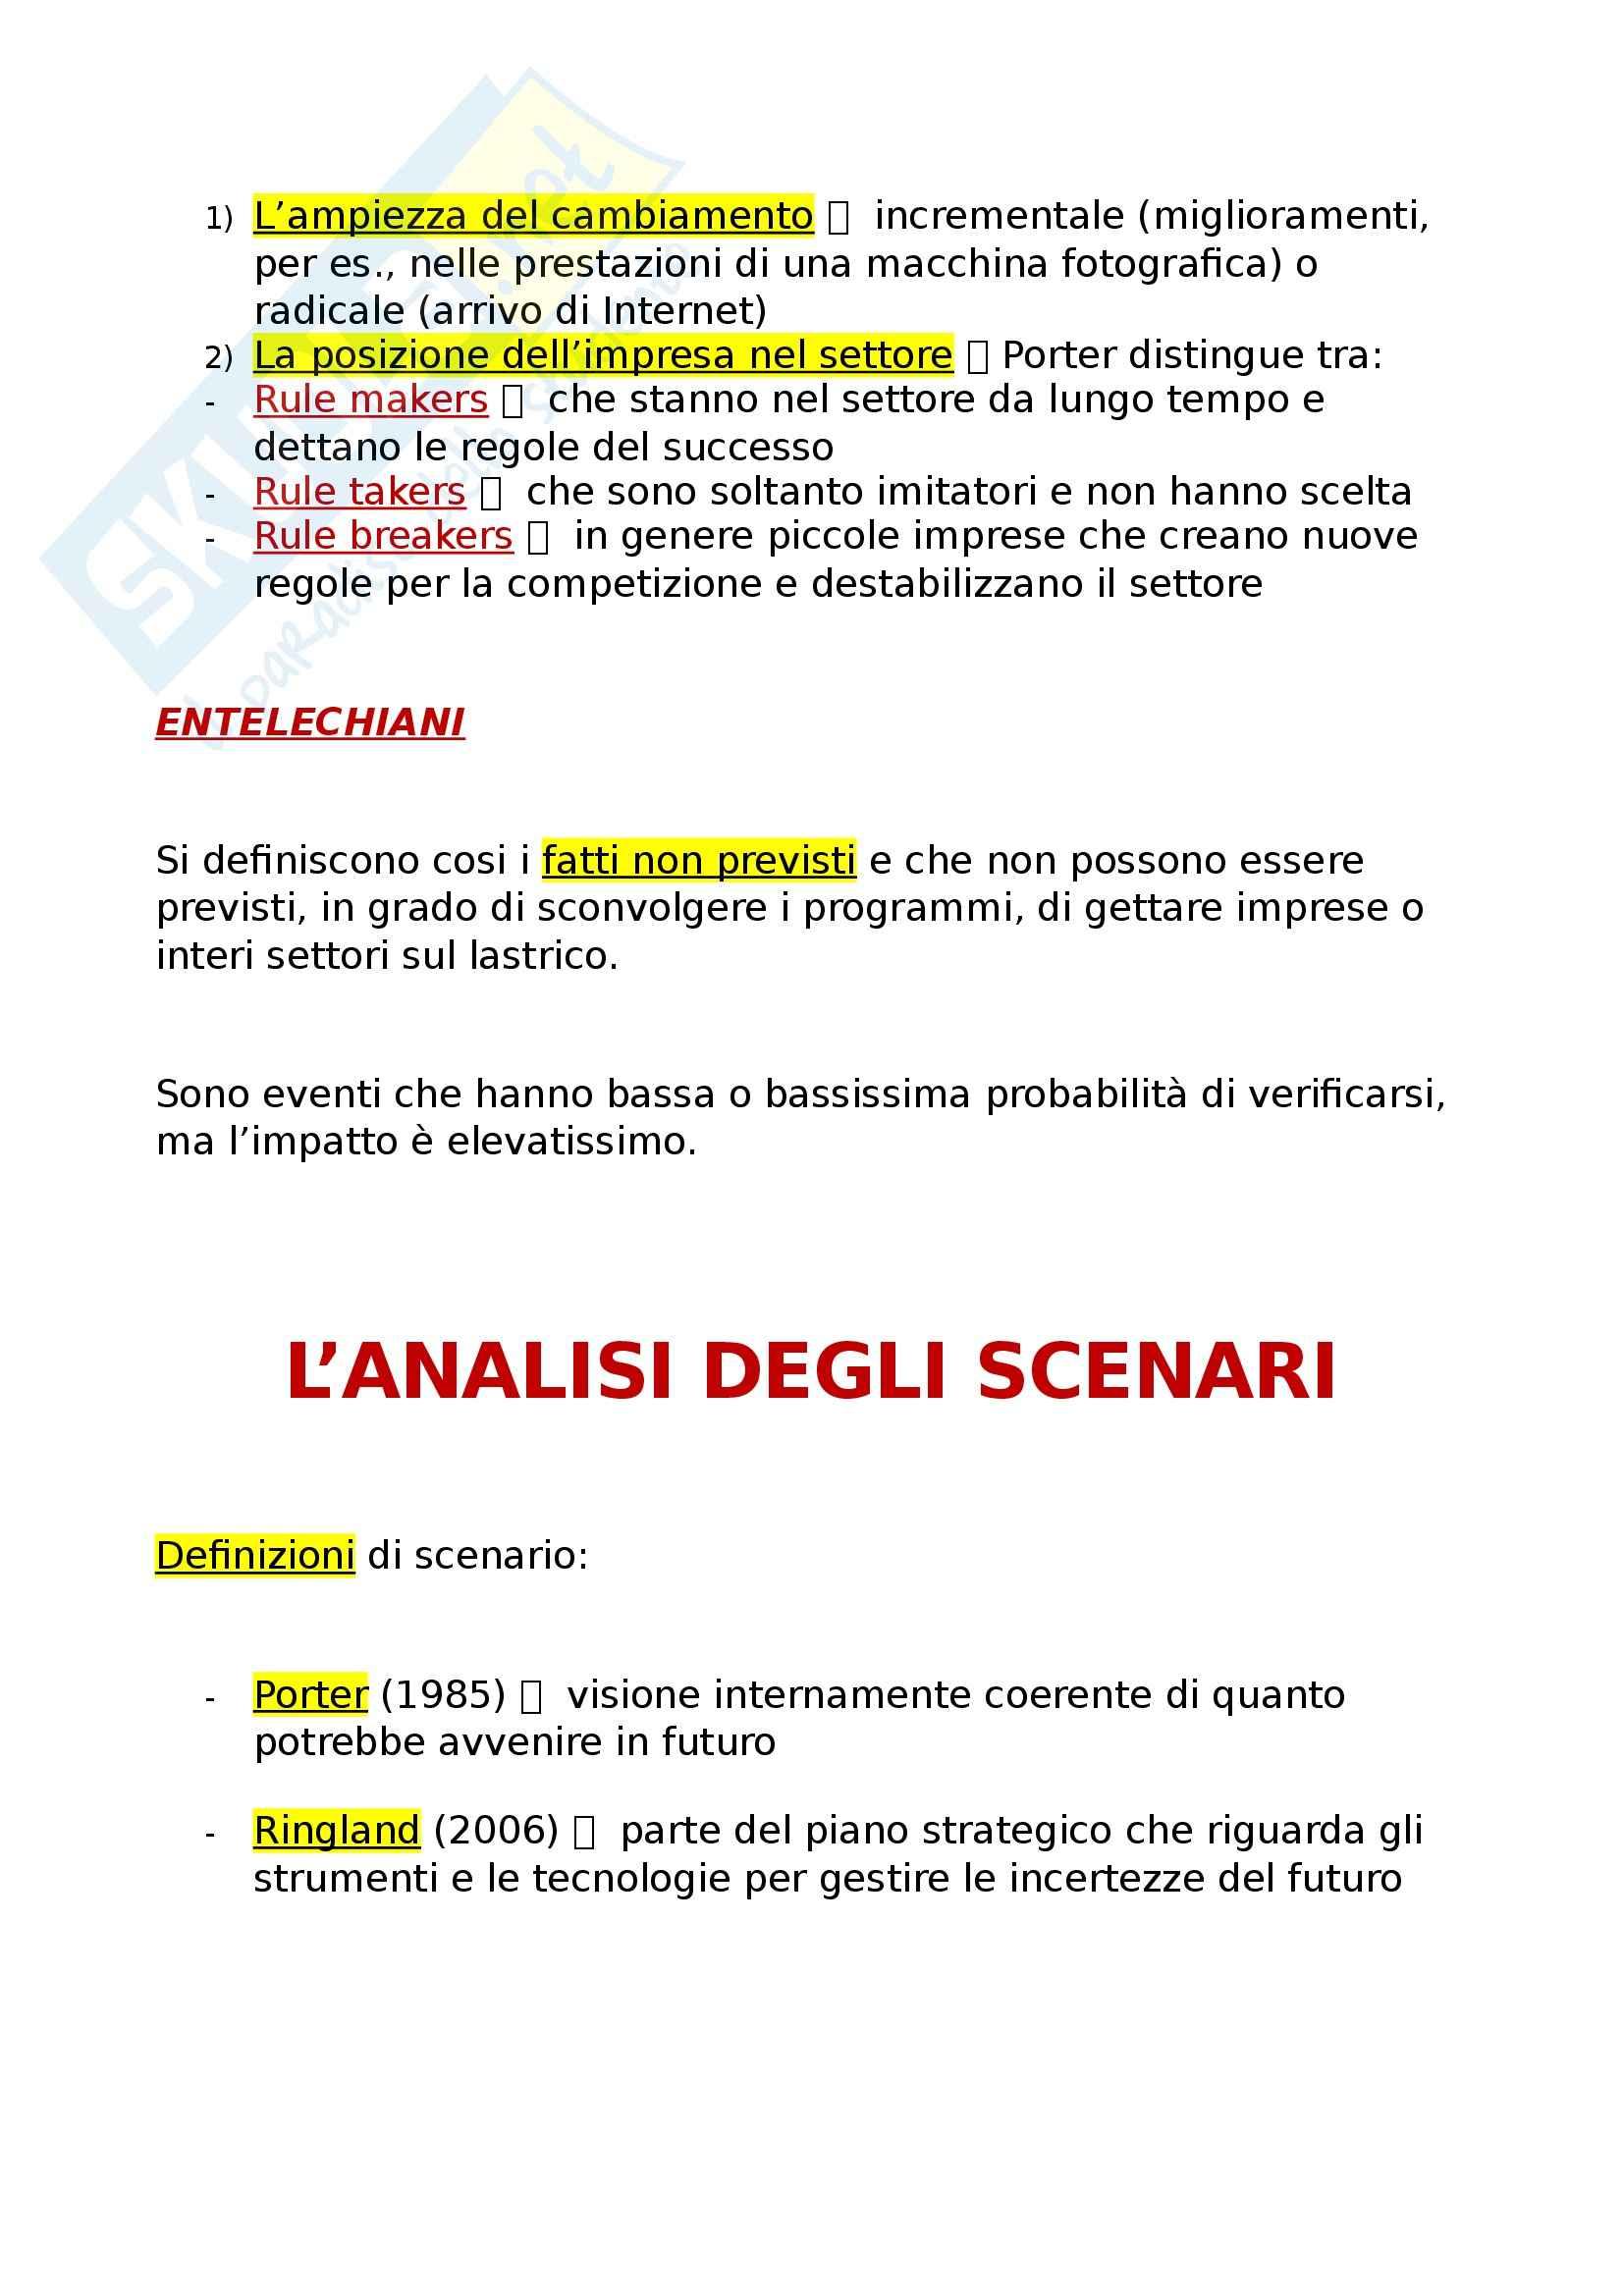 Riassunto esame Economia e gestione delle imprese, prof. Miglietta, libro consigliato Strategie d'impresa, Pellicelli Pag. 21